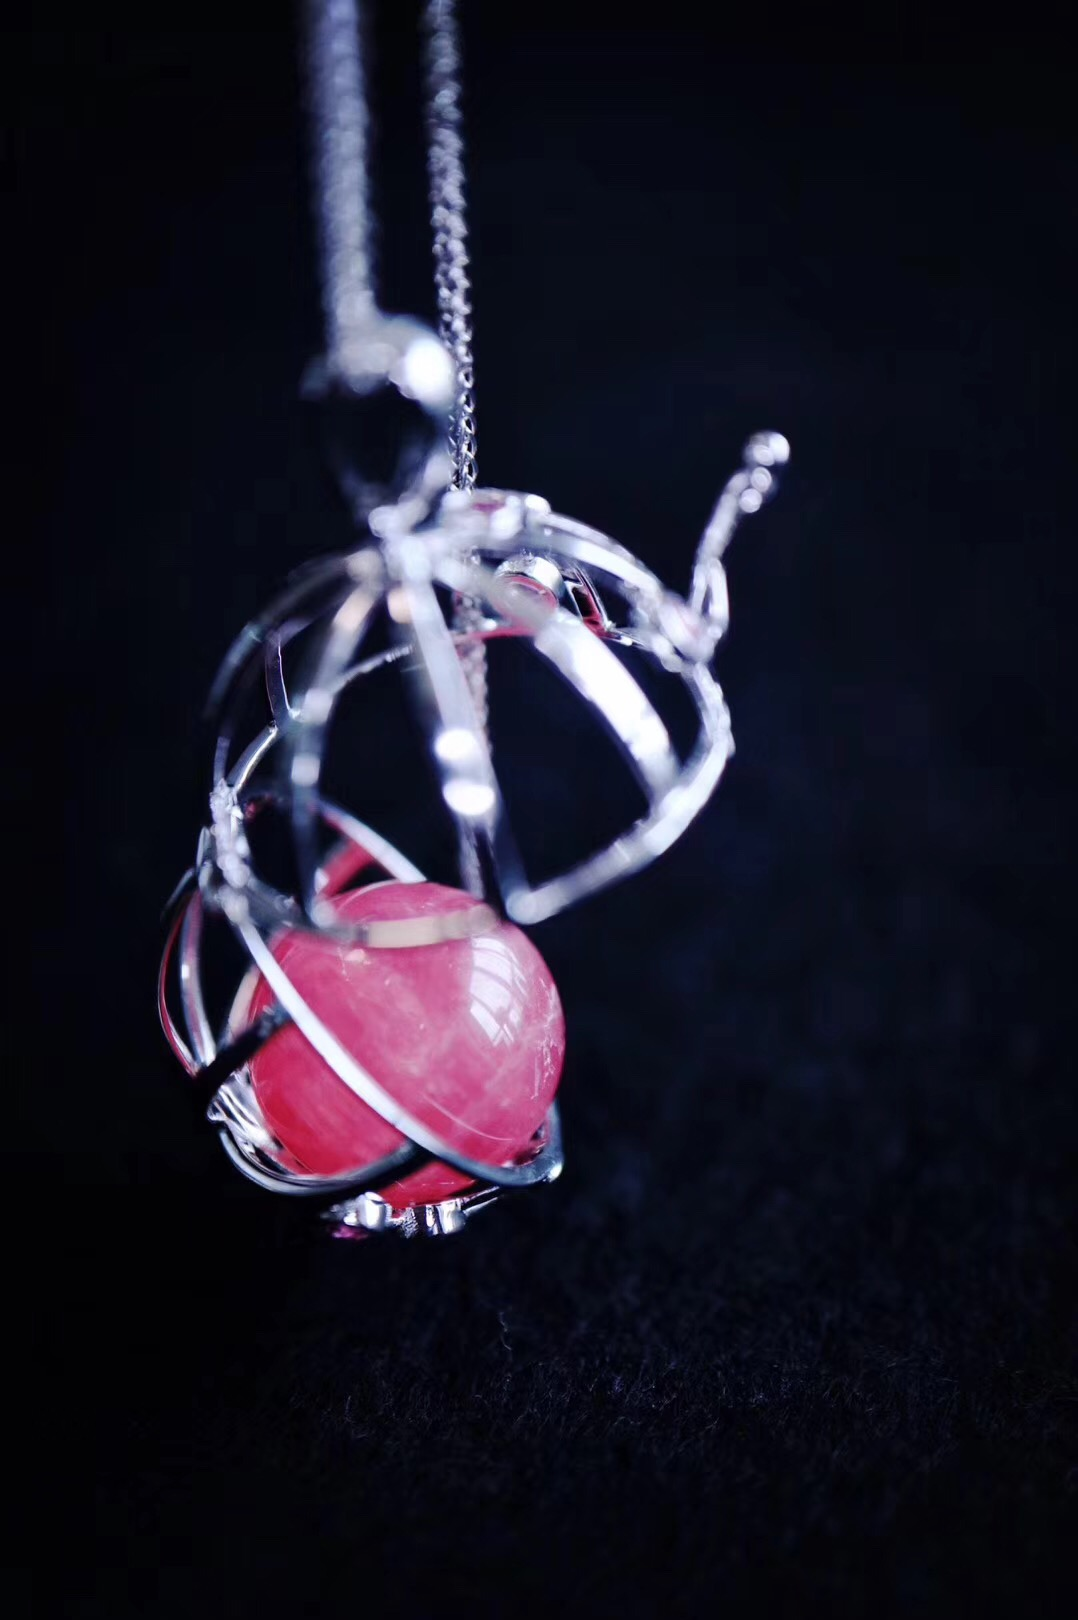 【白金摩羯座♑️|彩碧玺排戒】DIY配色的白金星座球和彩碧玺排戒。-菩心晶舍